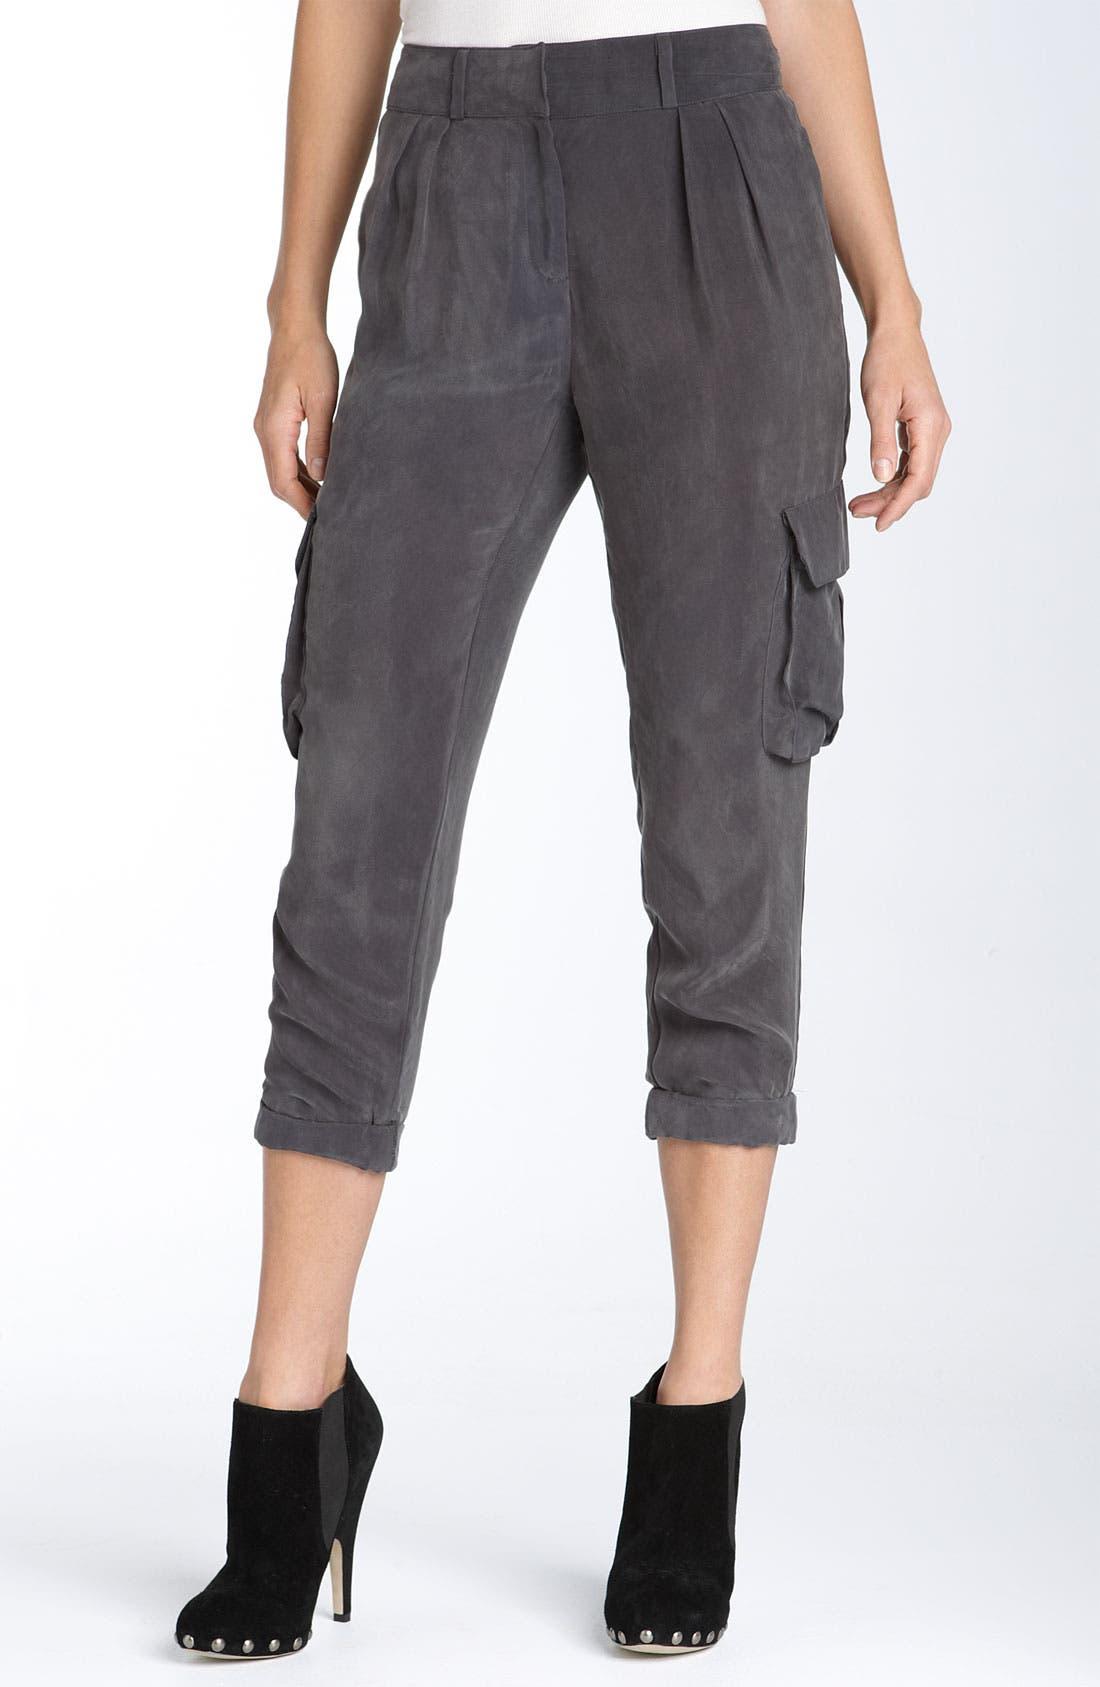 Alternate Image 1 Selected - Ella Moss 'Bronson' Woven Pants